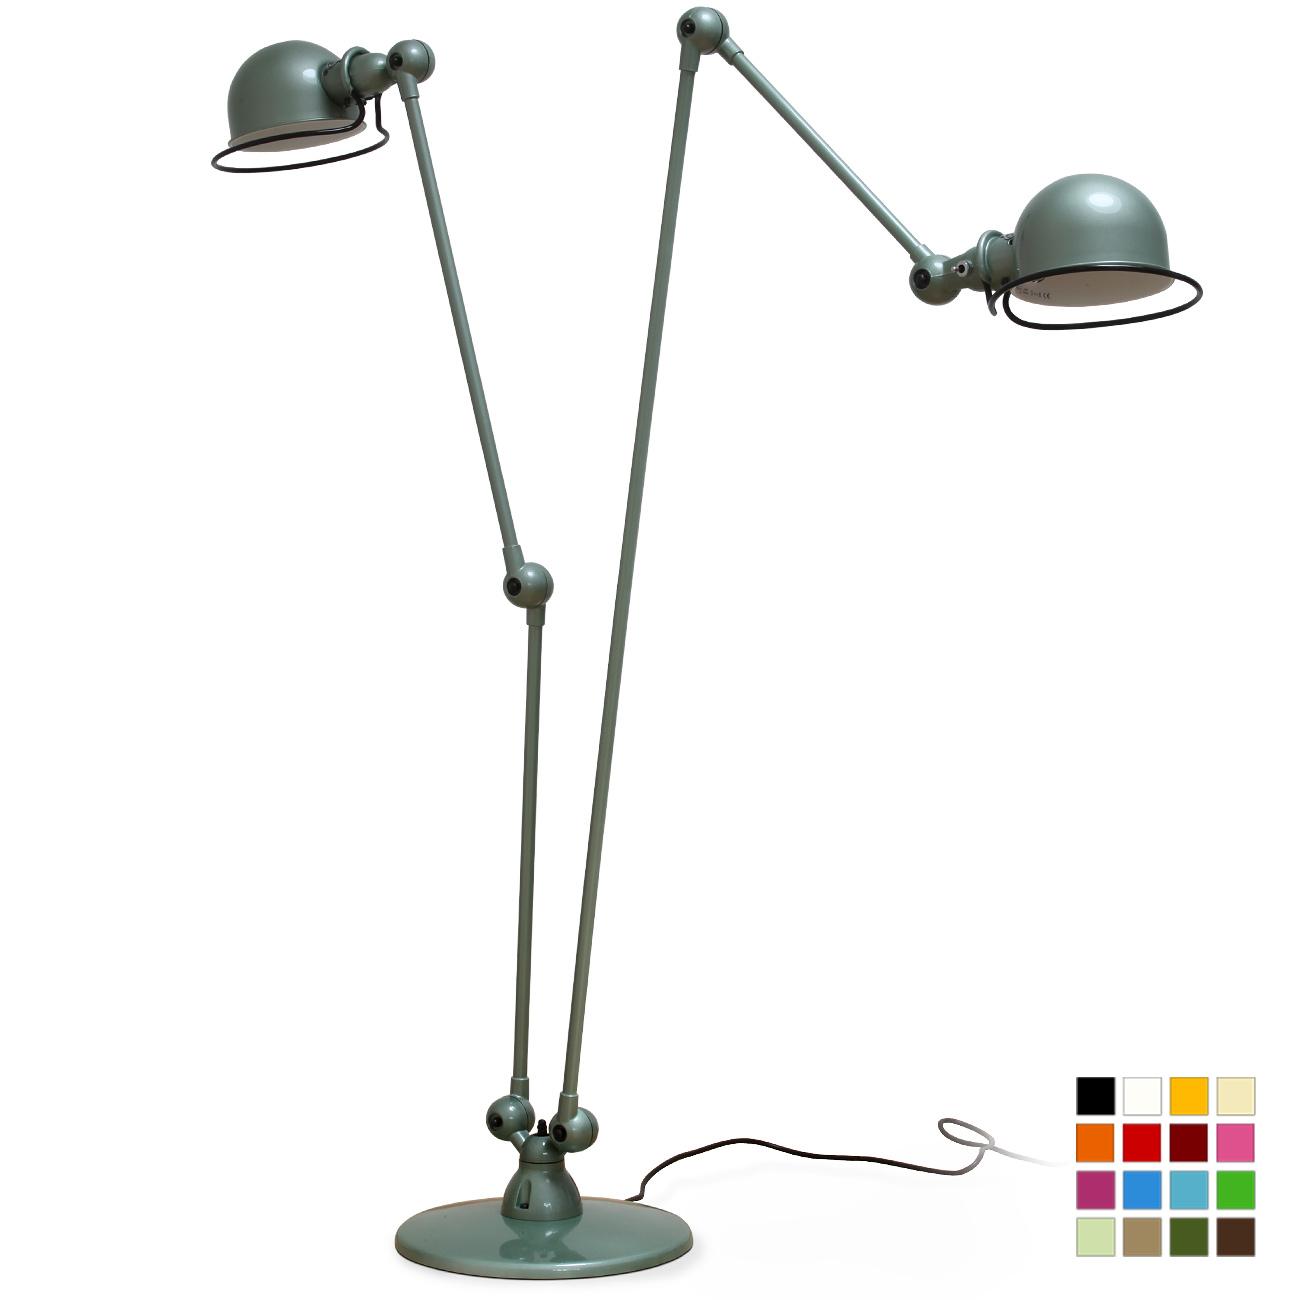 Extravagante zweiarmige doppel stehleuchte dd7460 casa lumi for Leselampe stehlampe